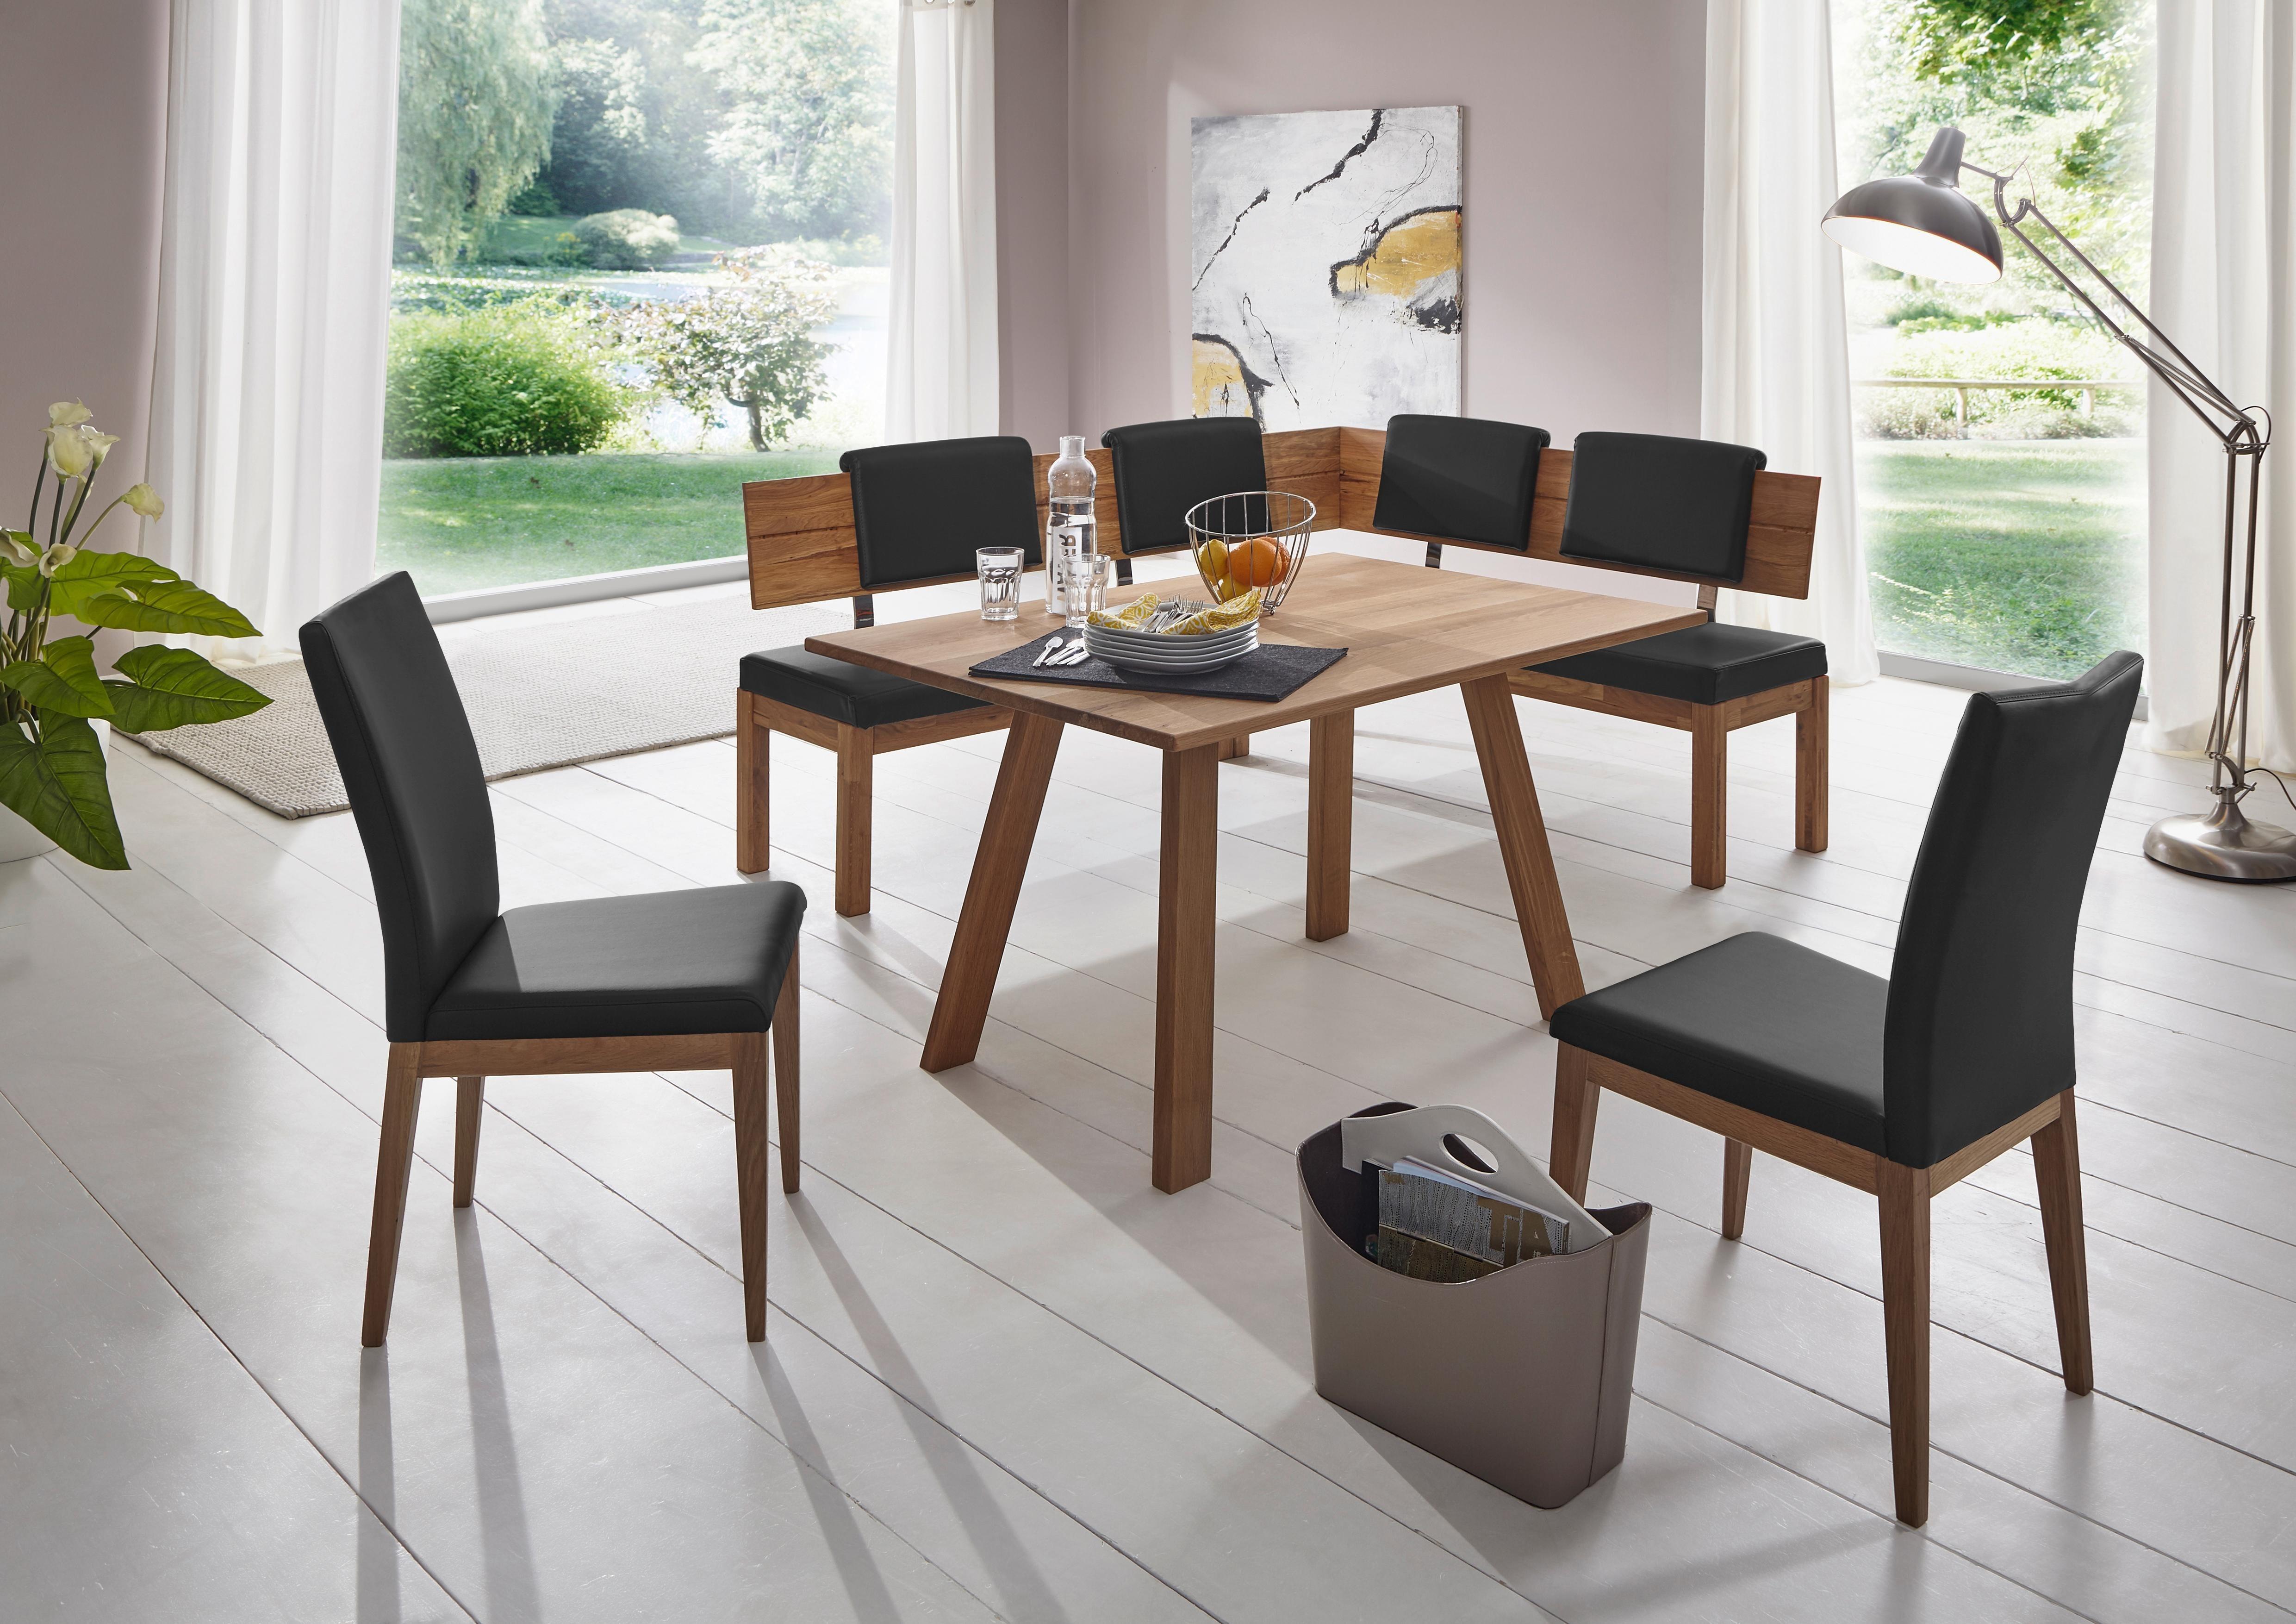 eiche Eckbänke online kaufen | Möbel-Suchmaschine | ladendirekt.de